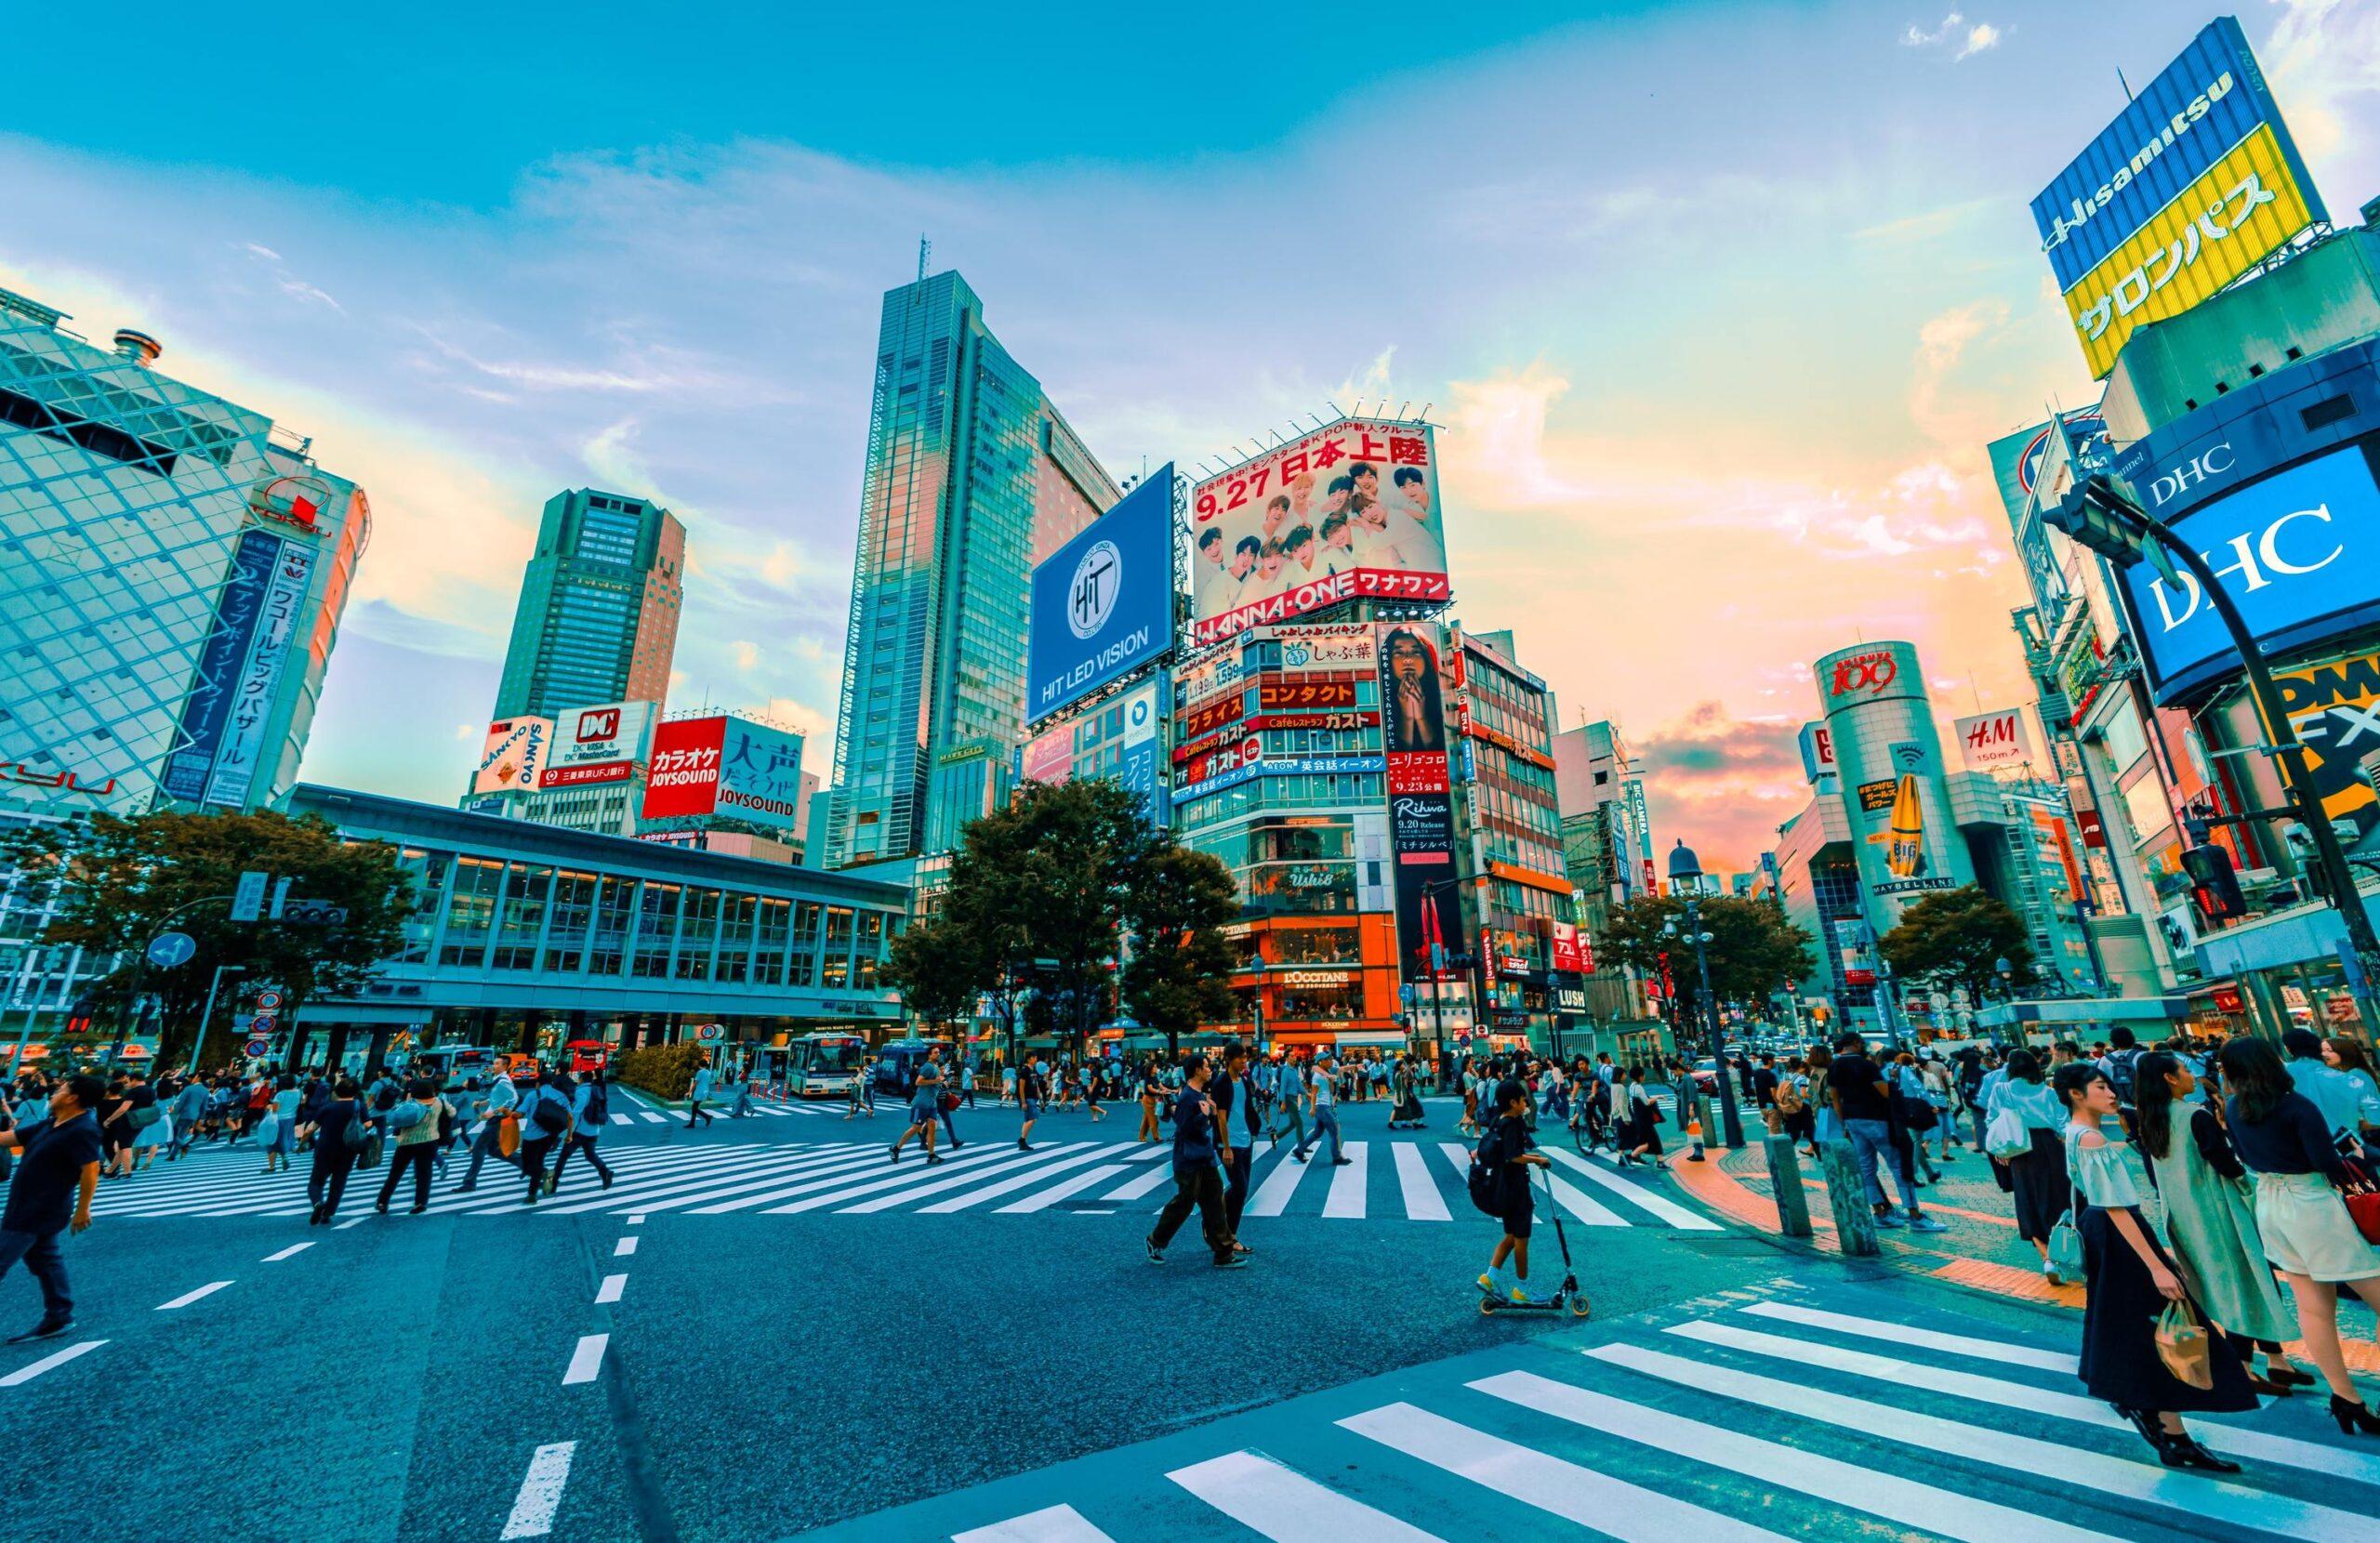 कोभिड नियन्त्रणका लागि जापानमा  अगष्ट ३१ सम्म स्वास्थ्य सङ्कटकाललाई निरन्तरता